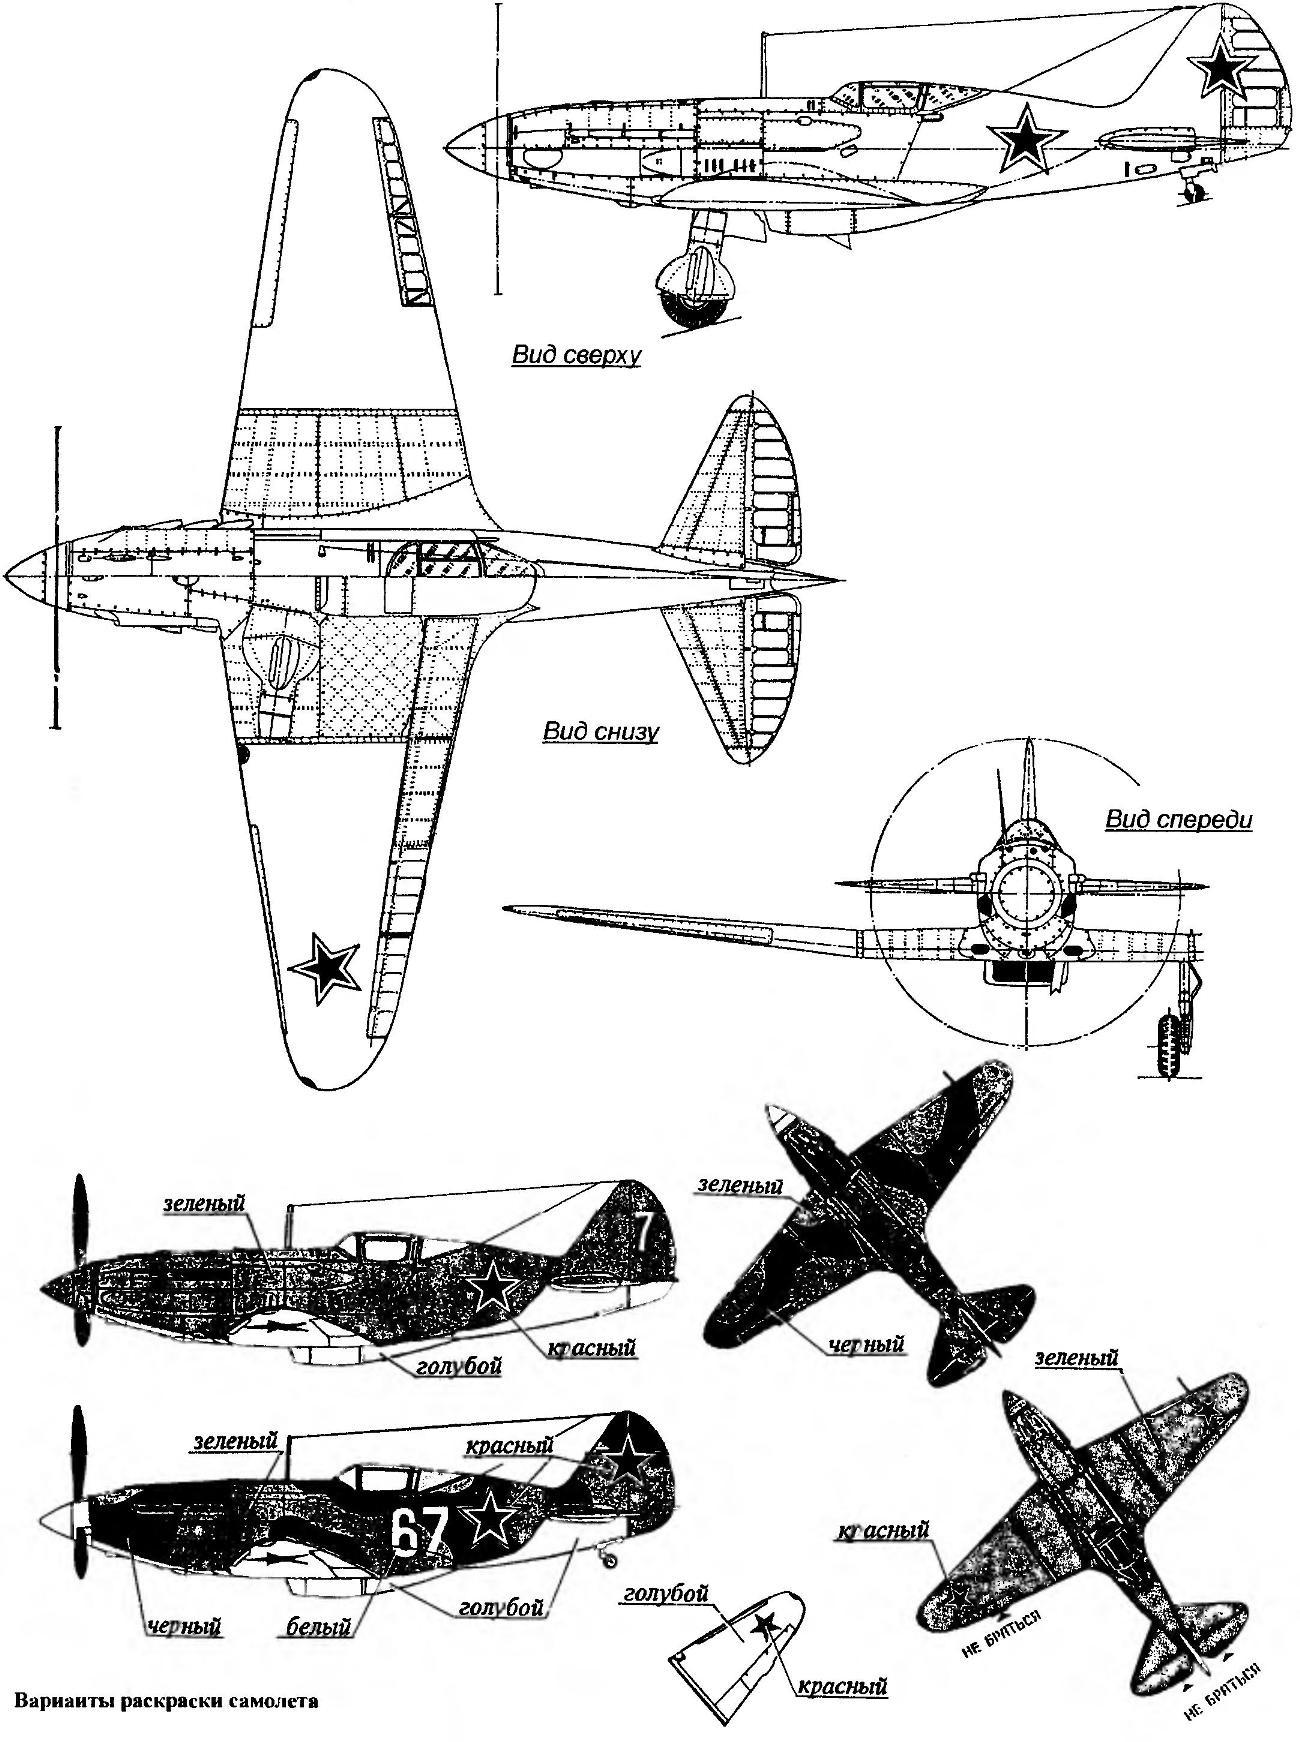 Самолет-истребитель МиГ-3 конструкции А. Микояна и М. Гуревича